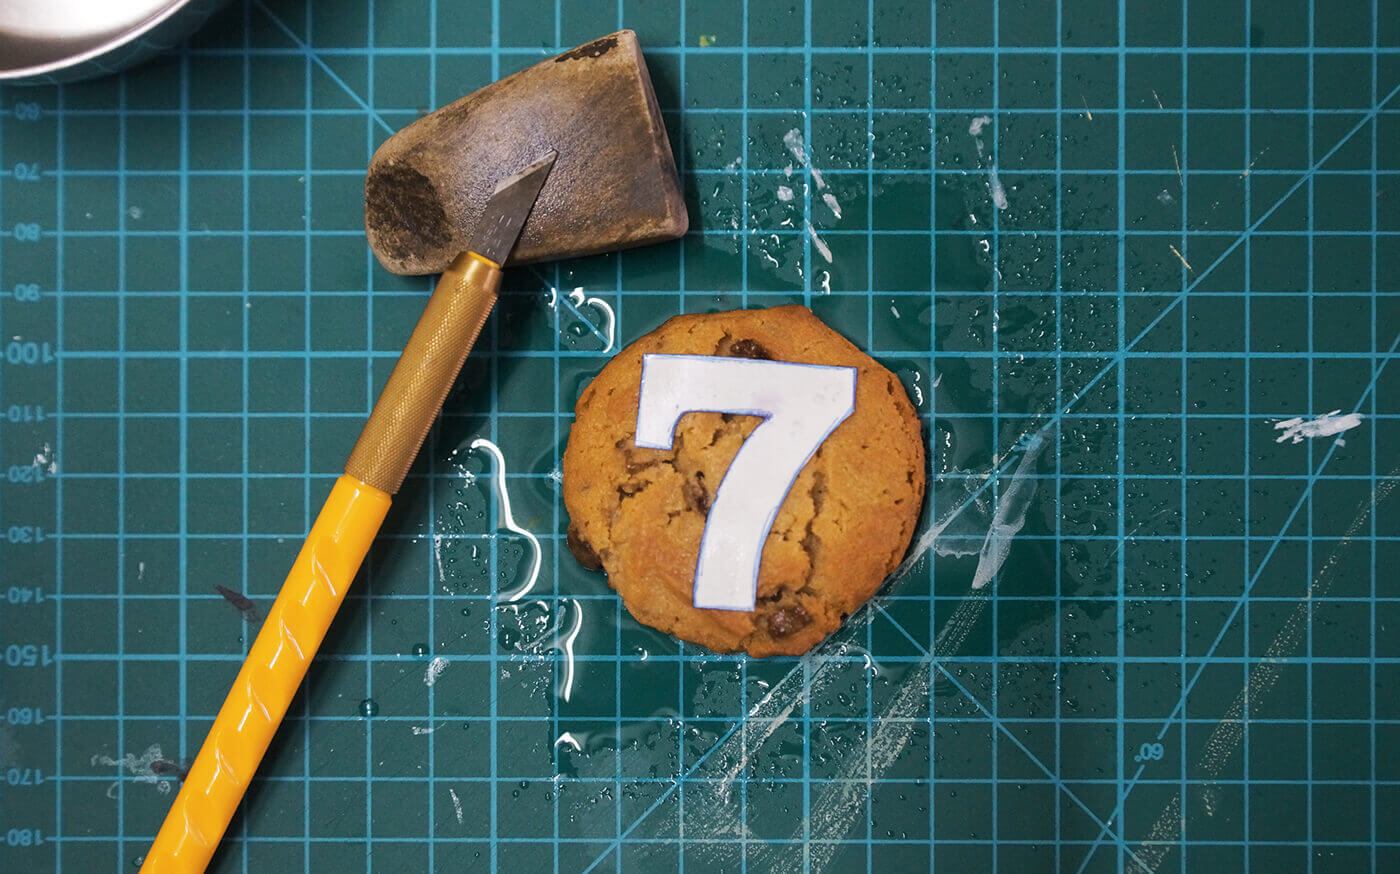 съедобная цифра 7